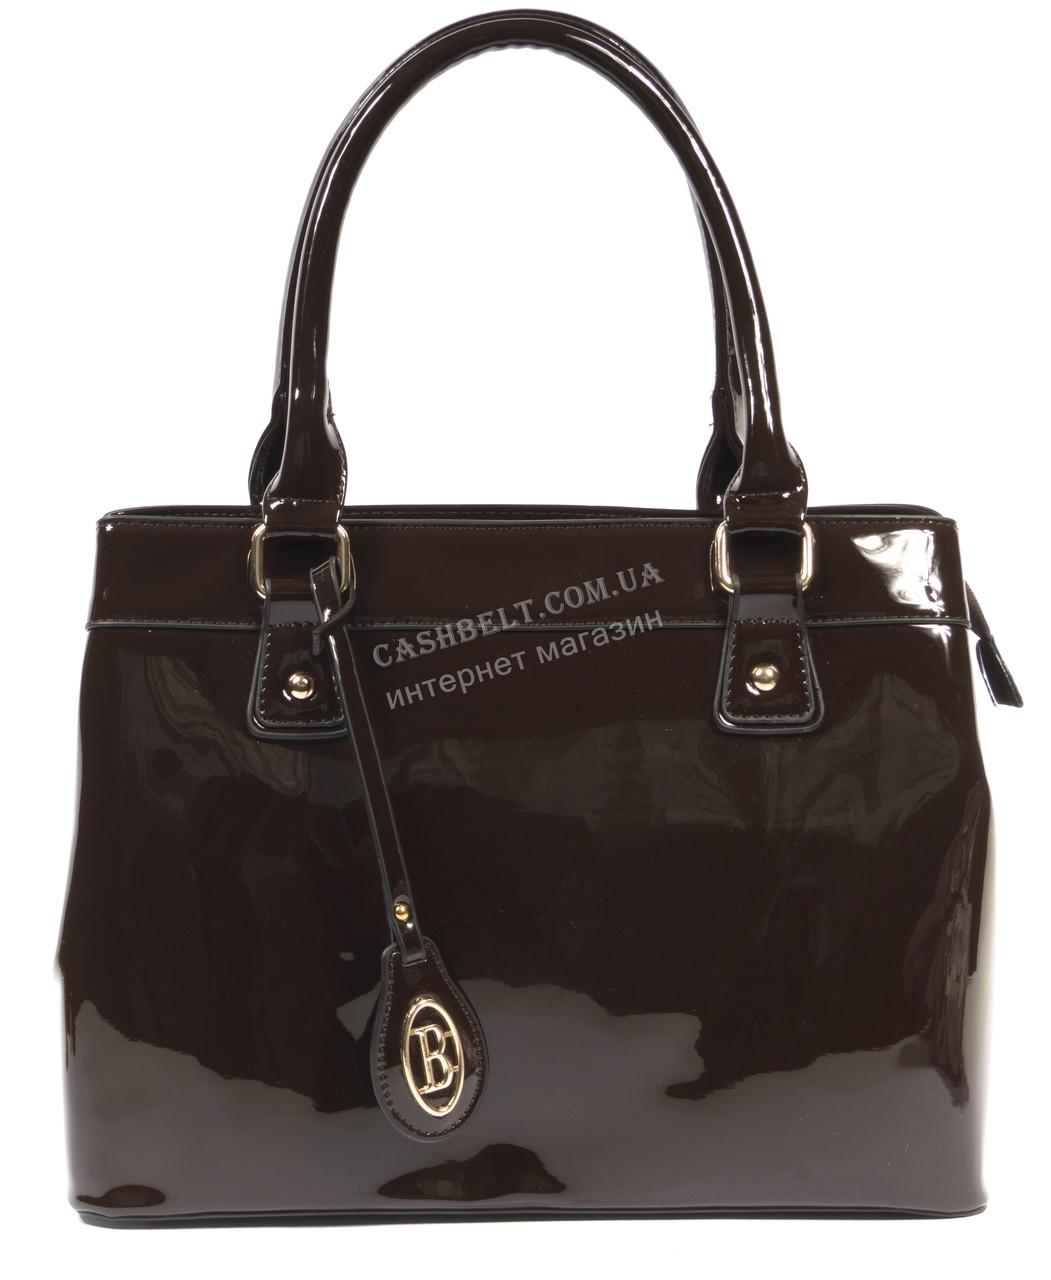 Каркасная лаковая женская сумка коричневого цвета art.95001